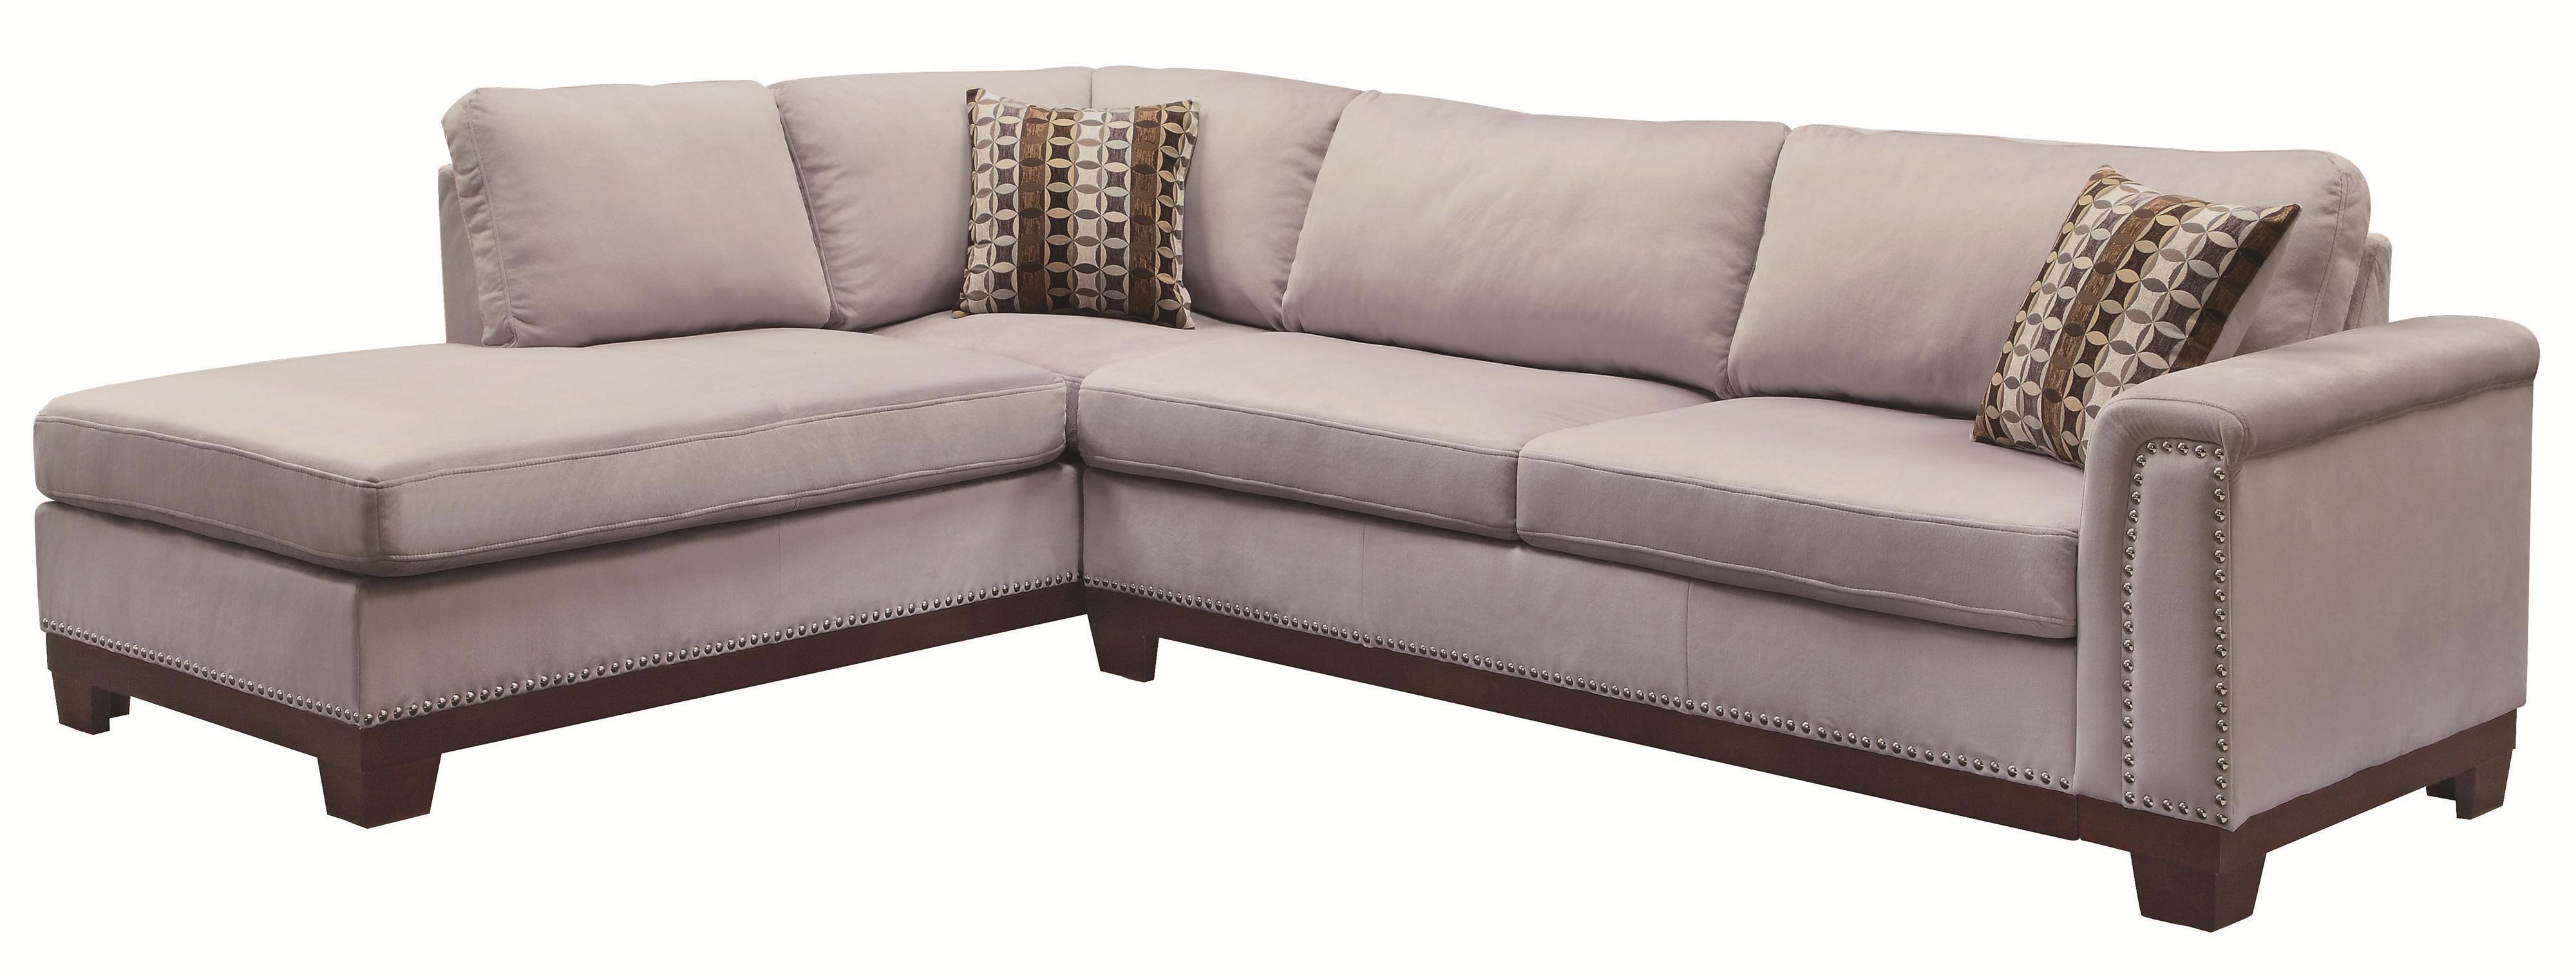 cool cheap sofas